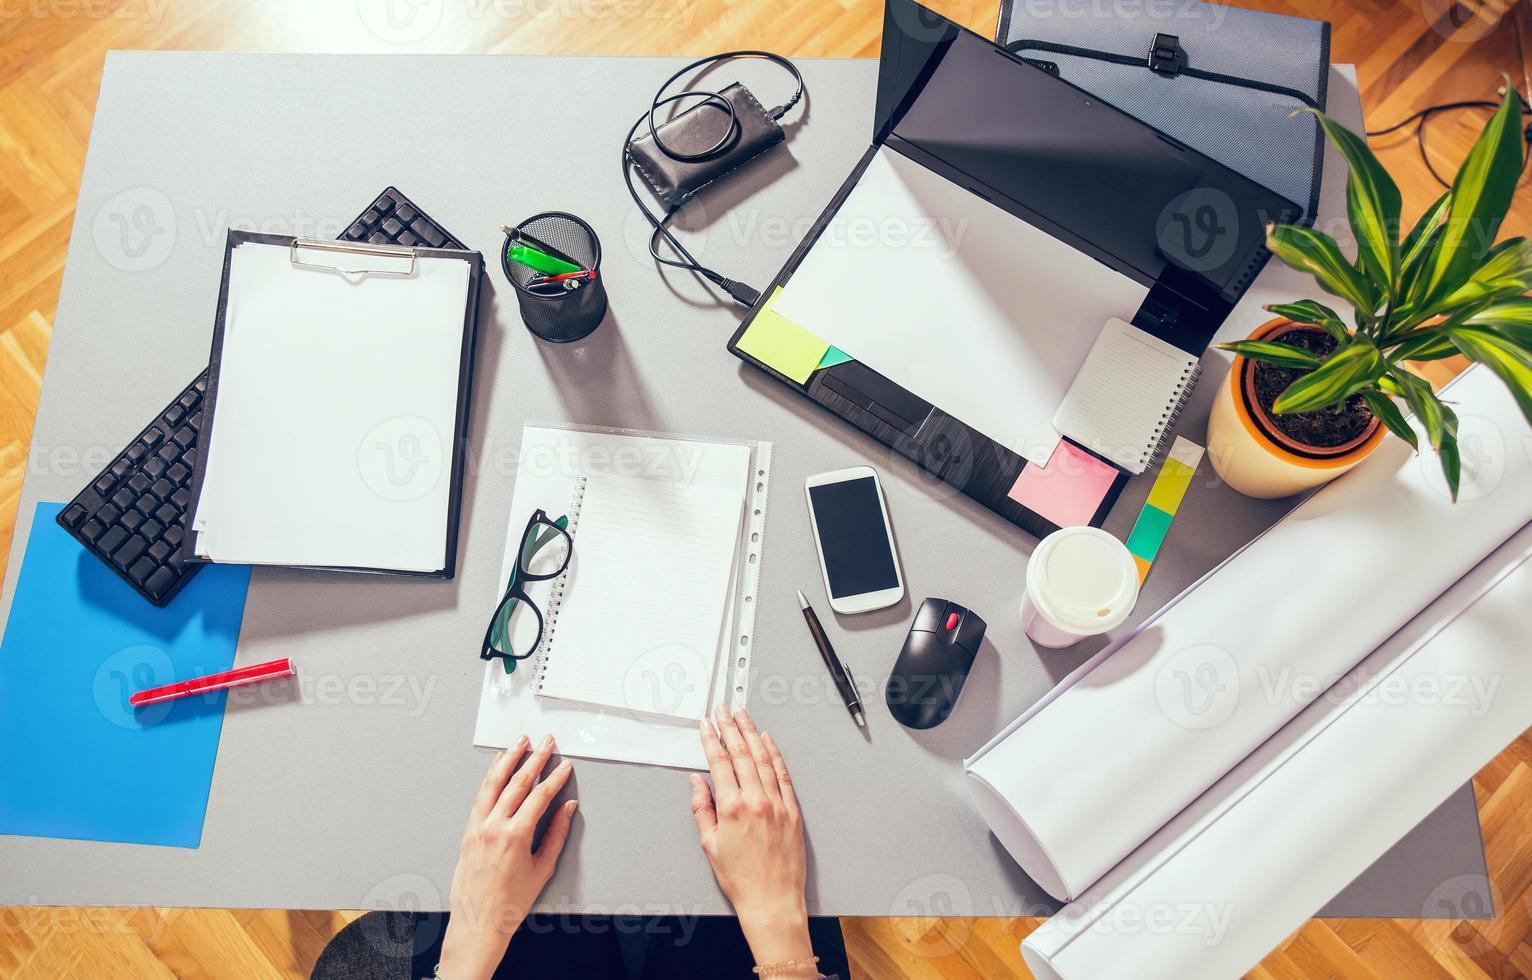 mezcla de escritorio en una mesa de oficina foto